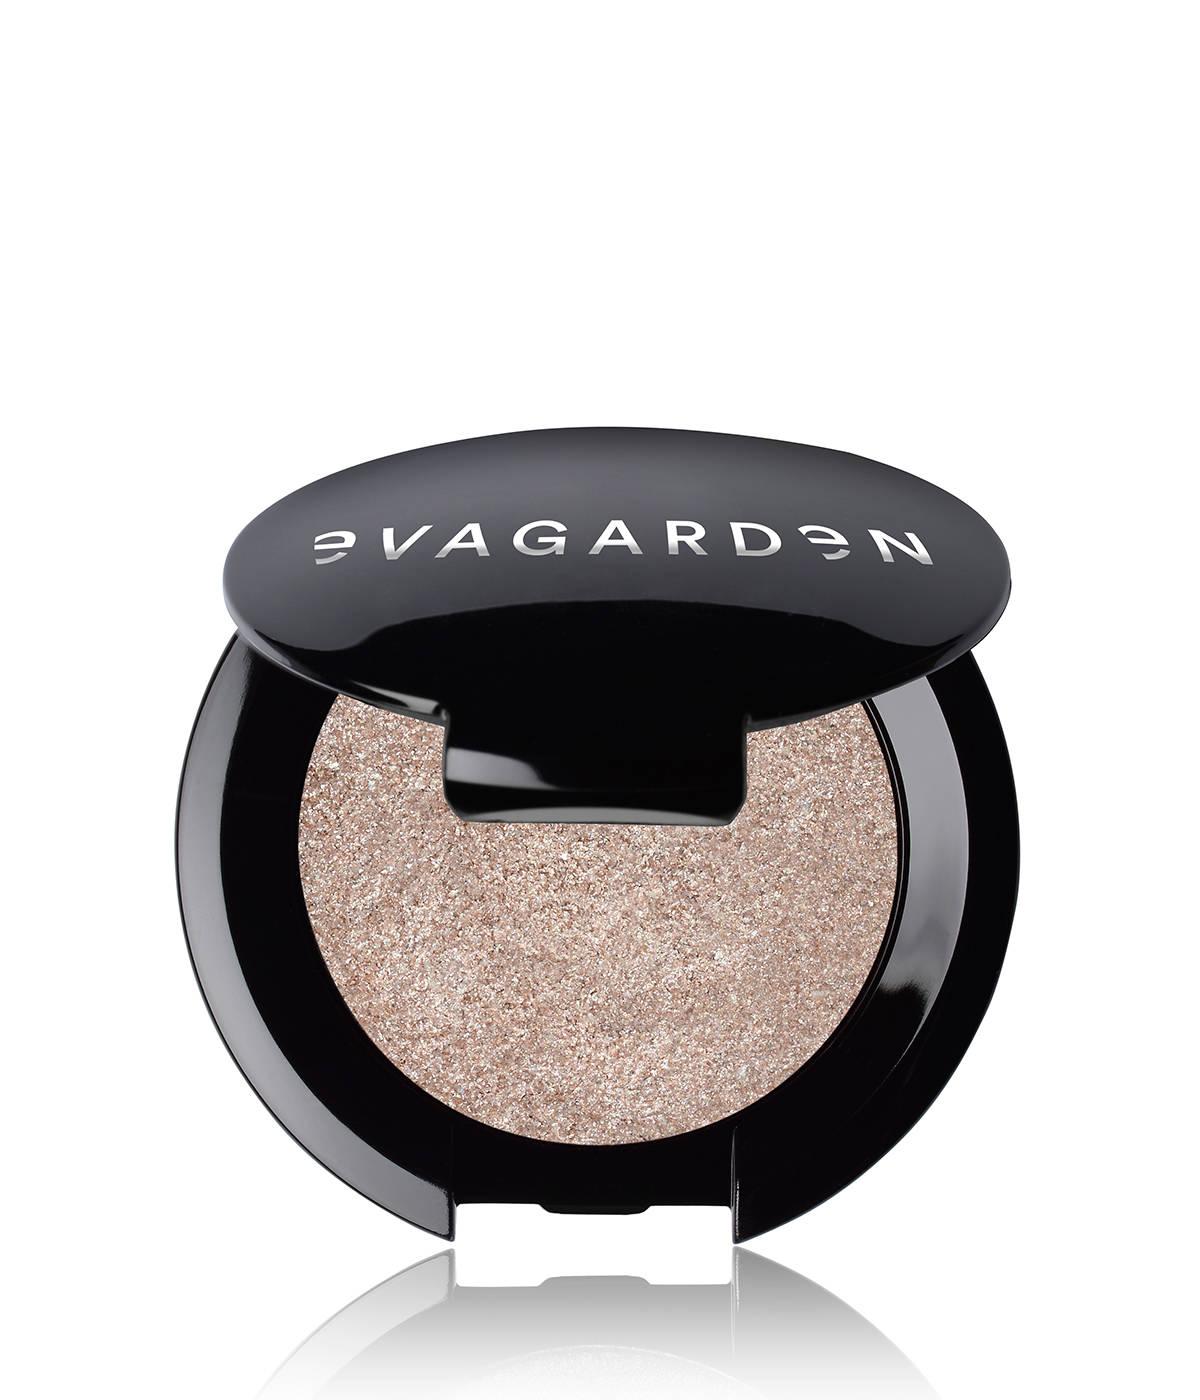 Galaxy Glam de EVAGARDEN - Sinergia Makeup distribuidor oficial España